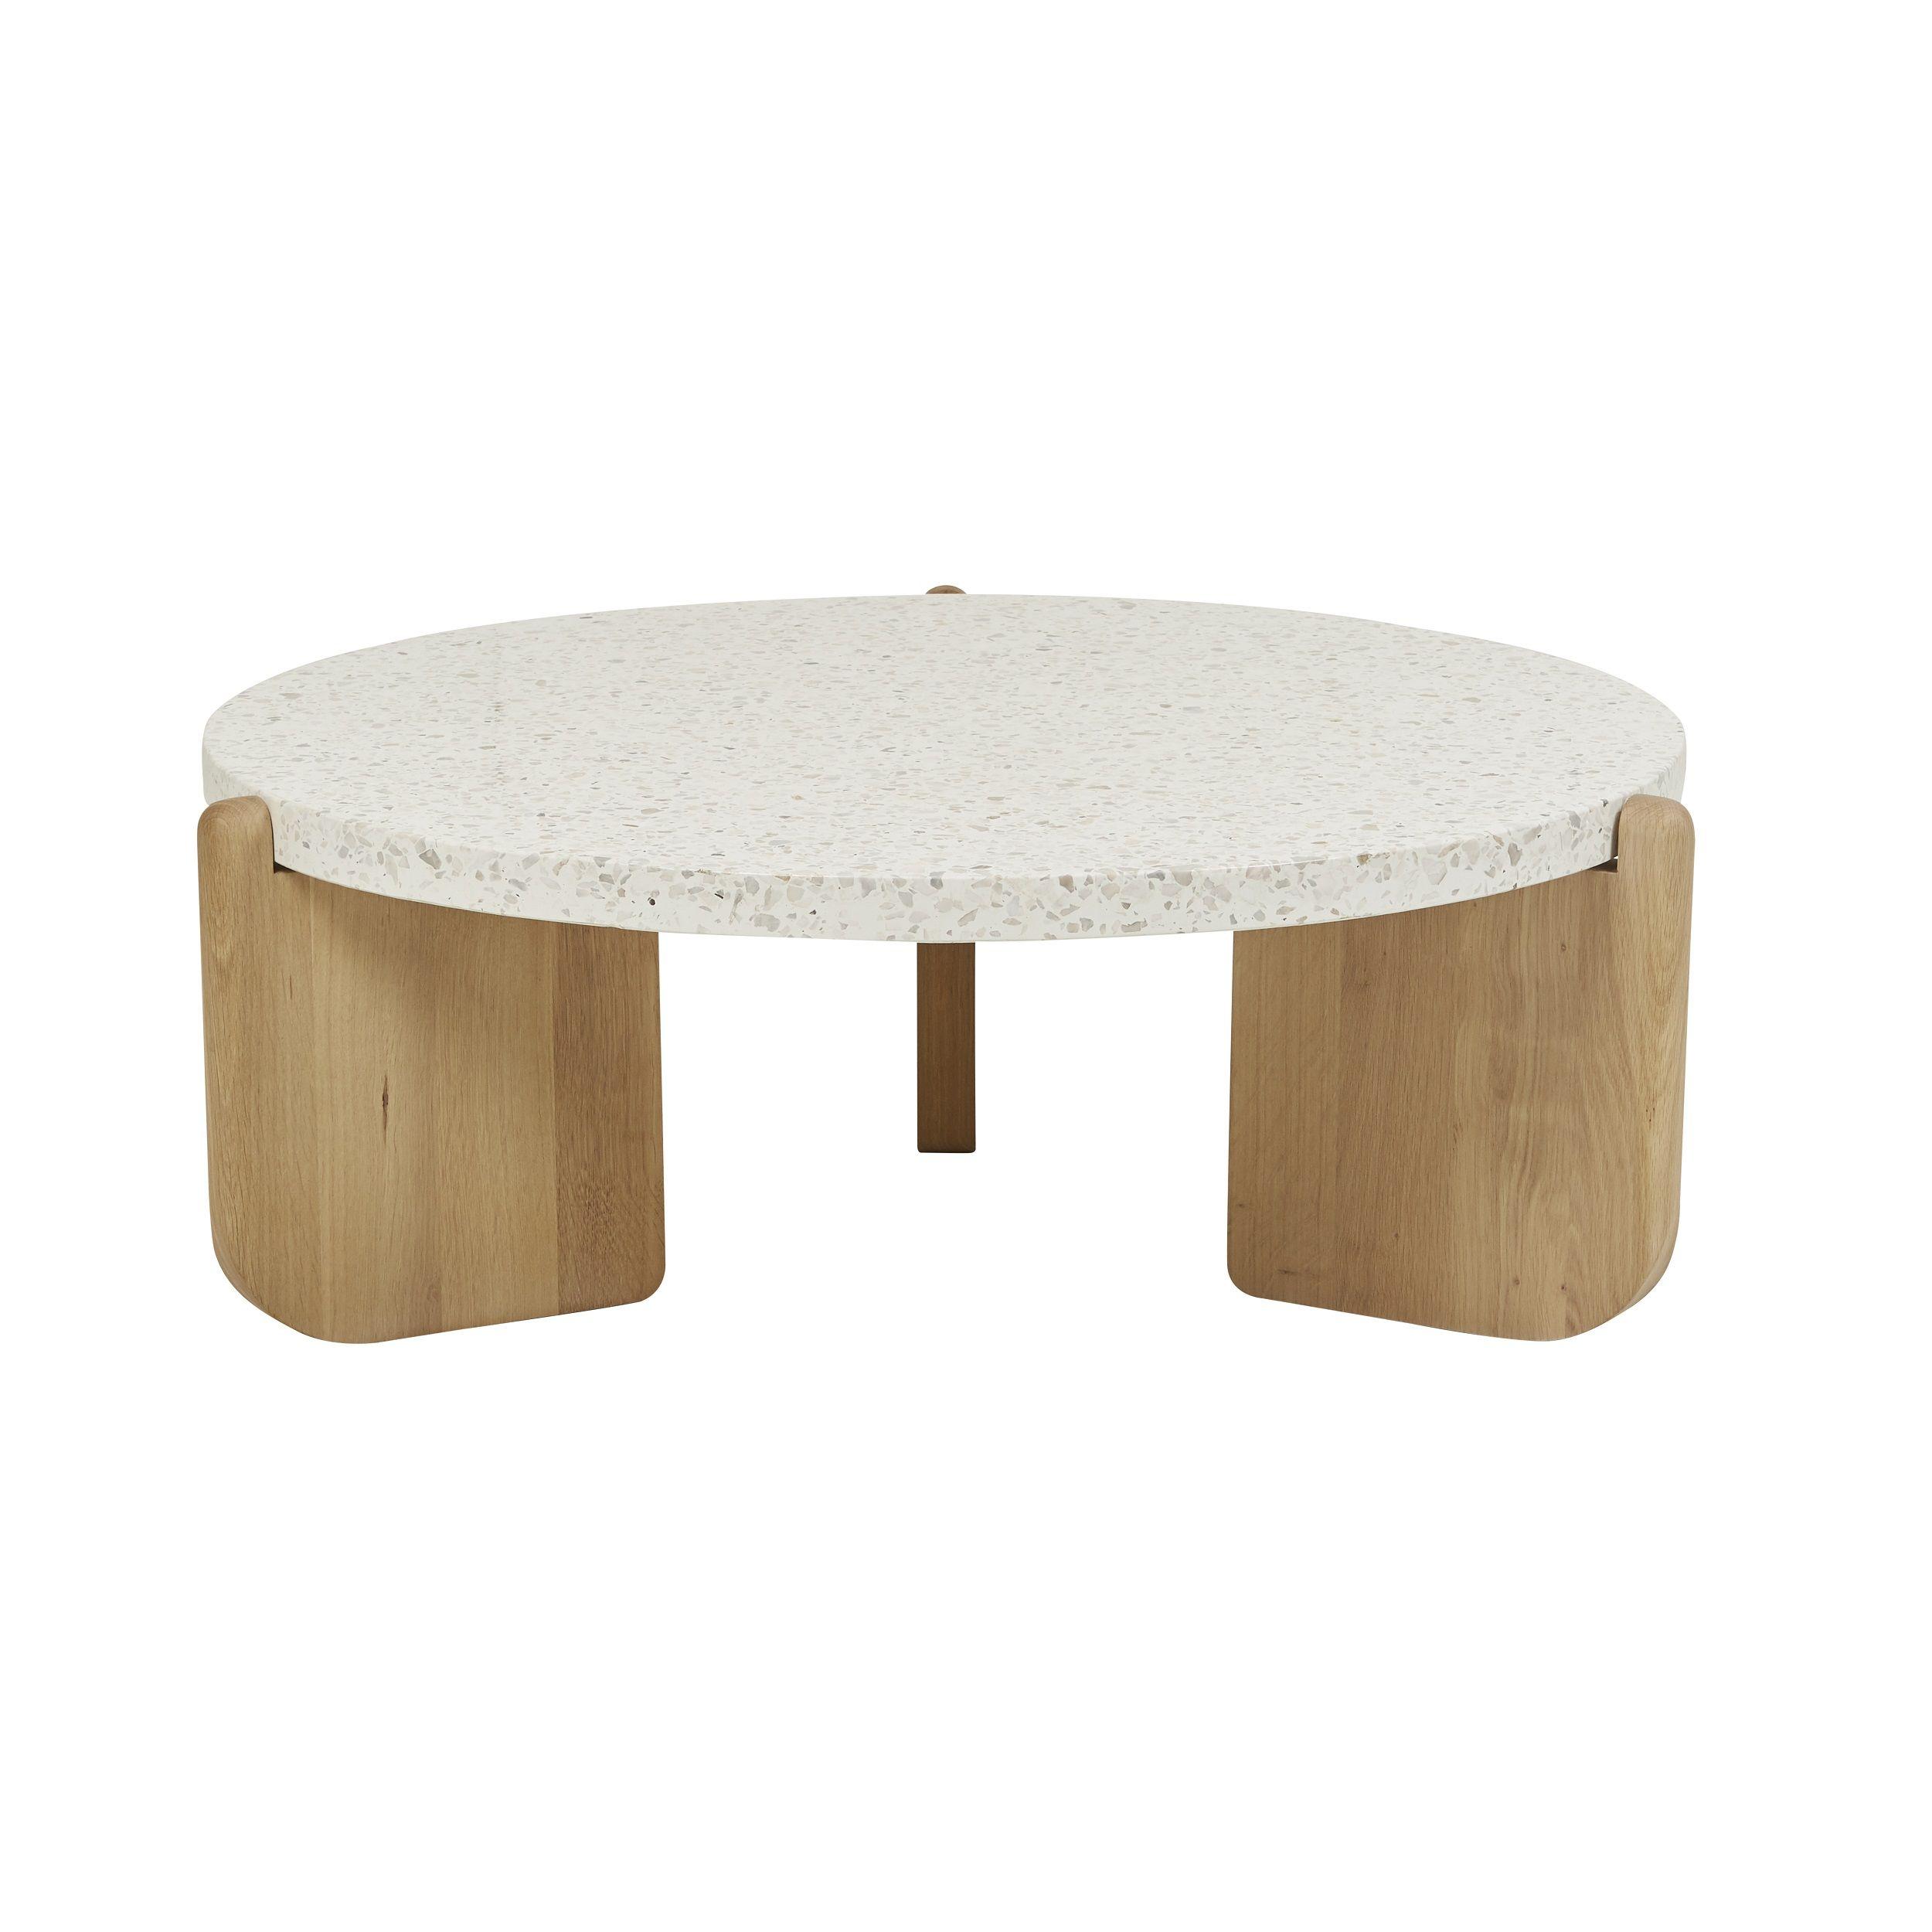 Sketch Native Round Coffee Table Terrazzo Muebles Disenos De Unas Mesas [ 2500 x 2500 Pixel ]